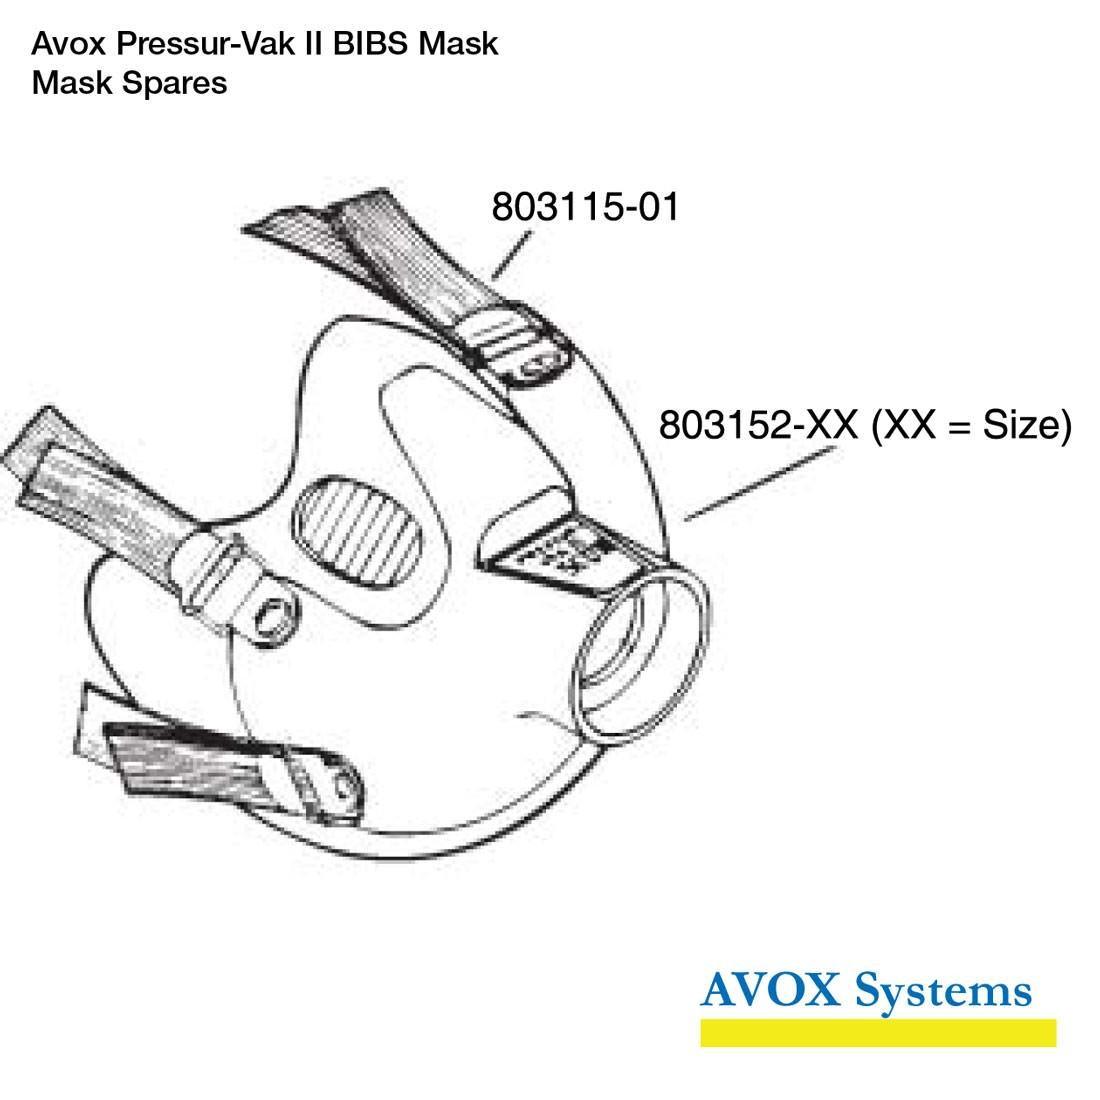 Pressur-Vak II Mask Assembly - Spares